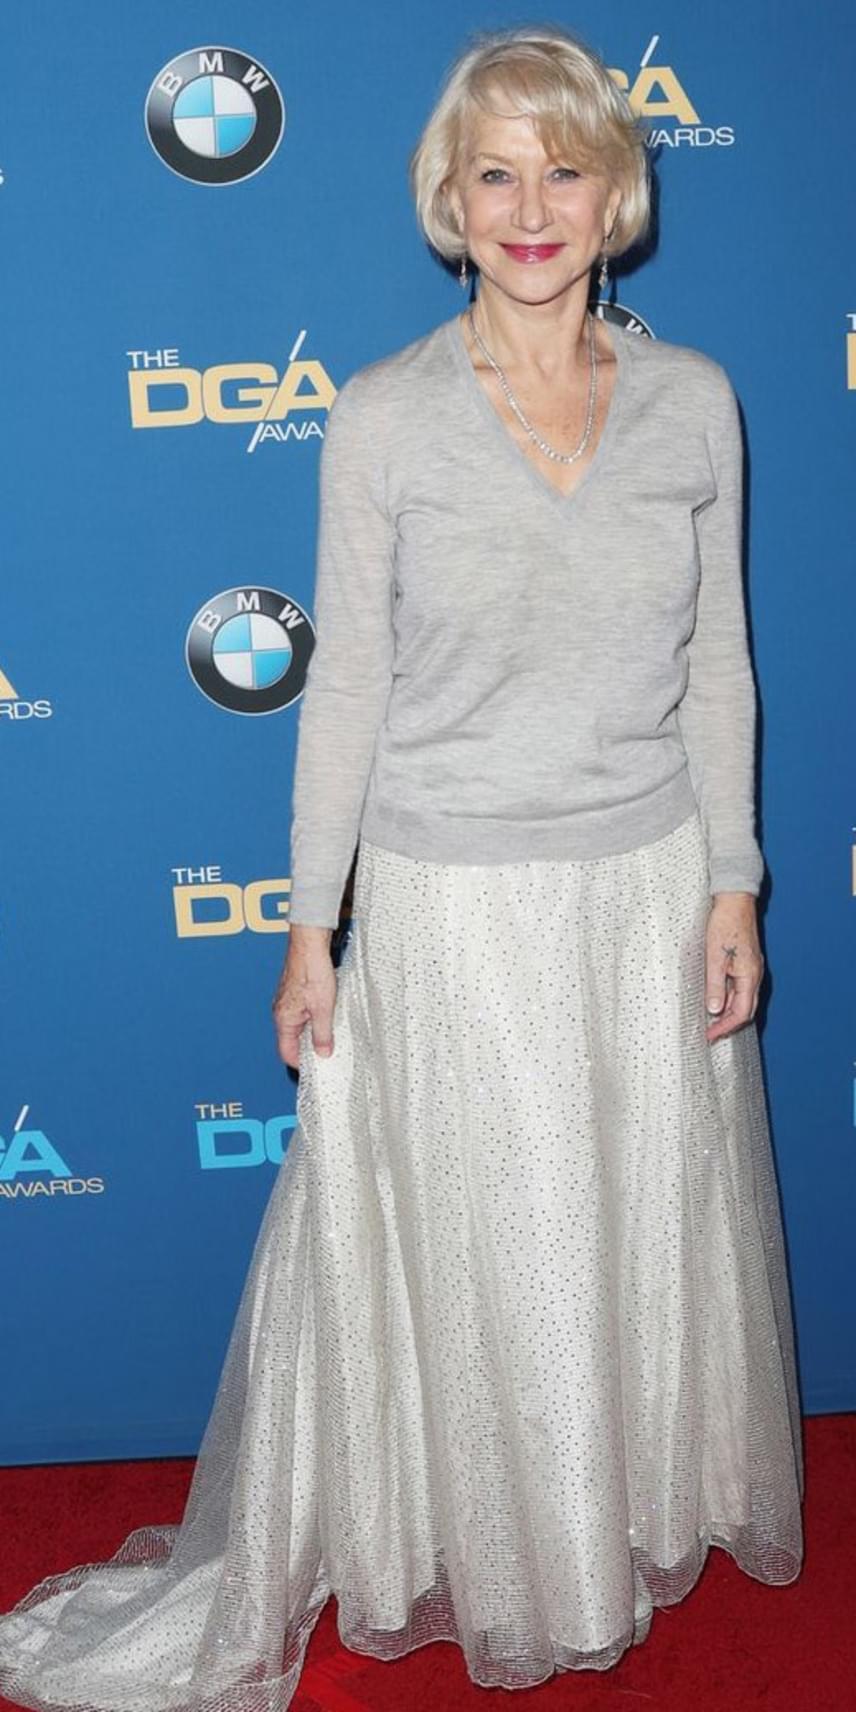 Helen Mirren imádja a romantikus stílust - mi sem bizonyítja jobban, mint egy a hófehér, hercegnős szoknya, amit egyszerű, szürke pulóverrel kombinált.